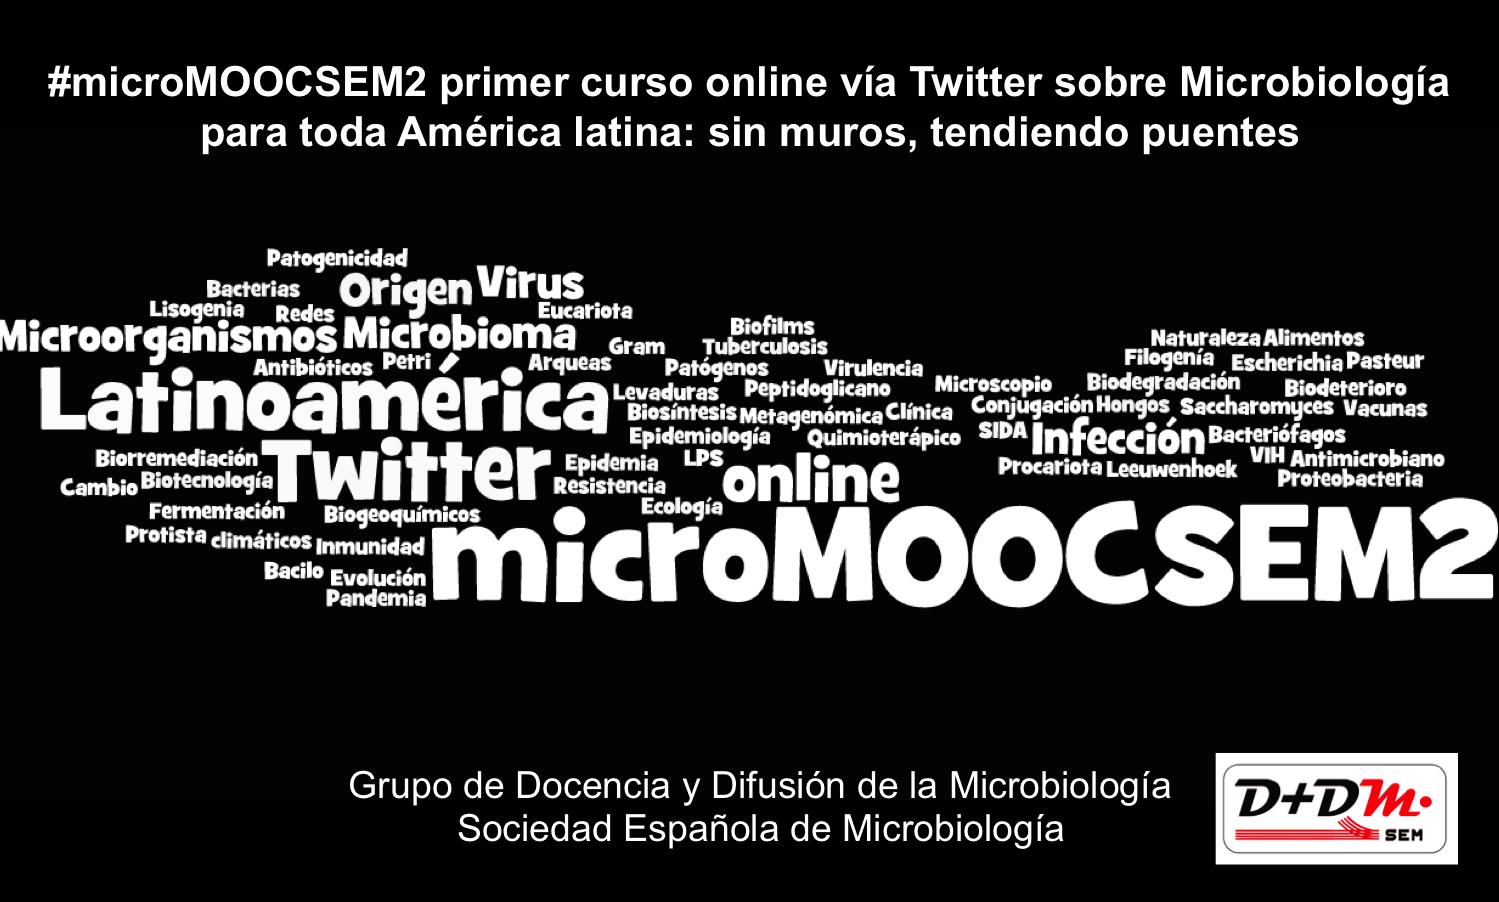 ¡Saludos desde León, España! #microMOOCSEM2 Recuerda un tuit por minuto durante unos 30-40 minutos. ¡RT, Like & comparte! https://t.co/rbgCl6e8Gm